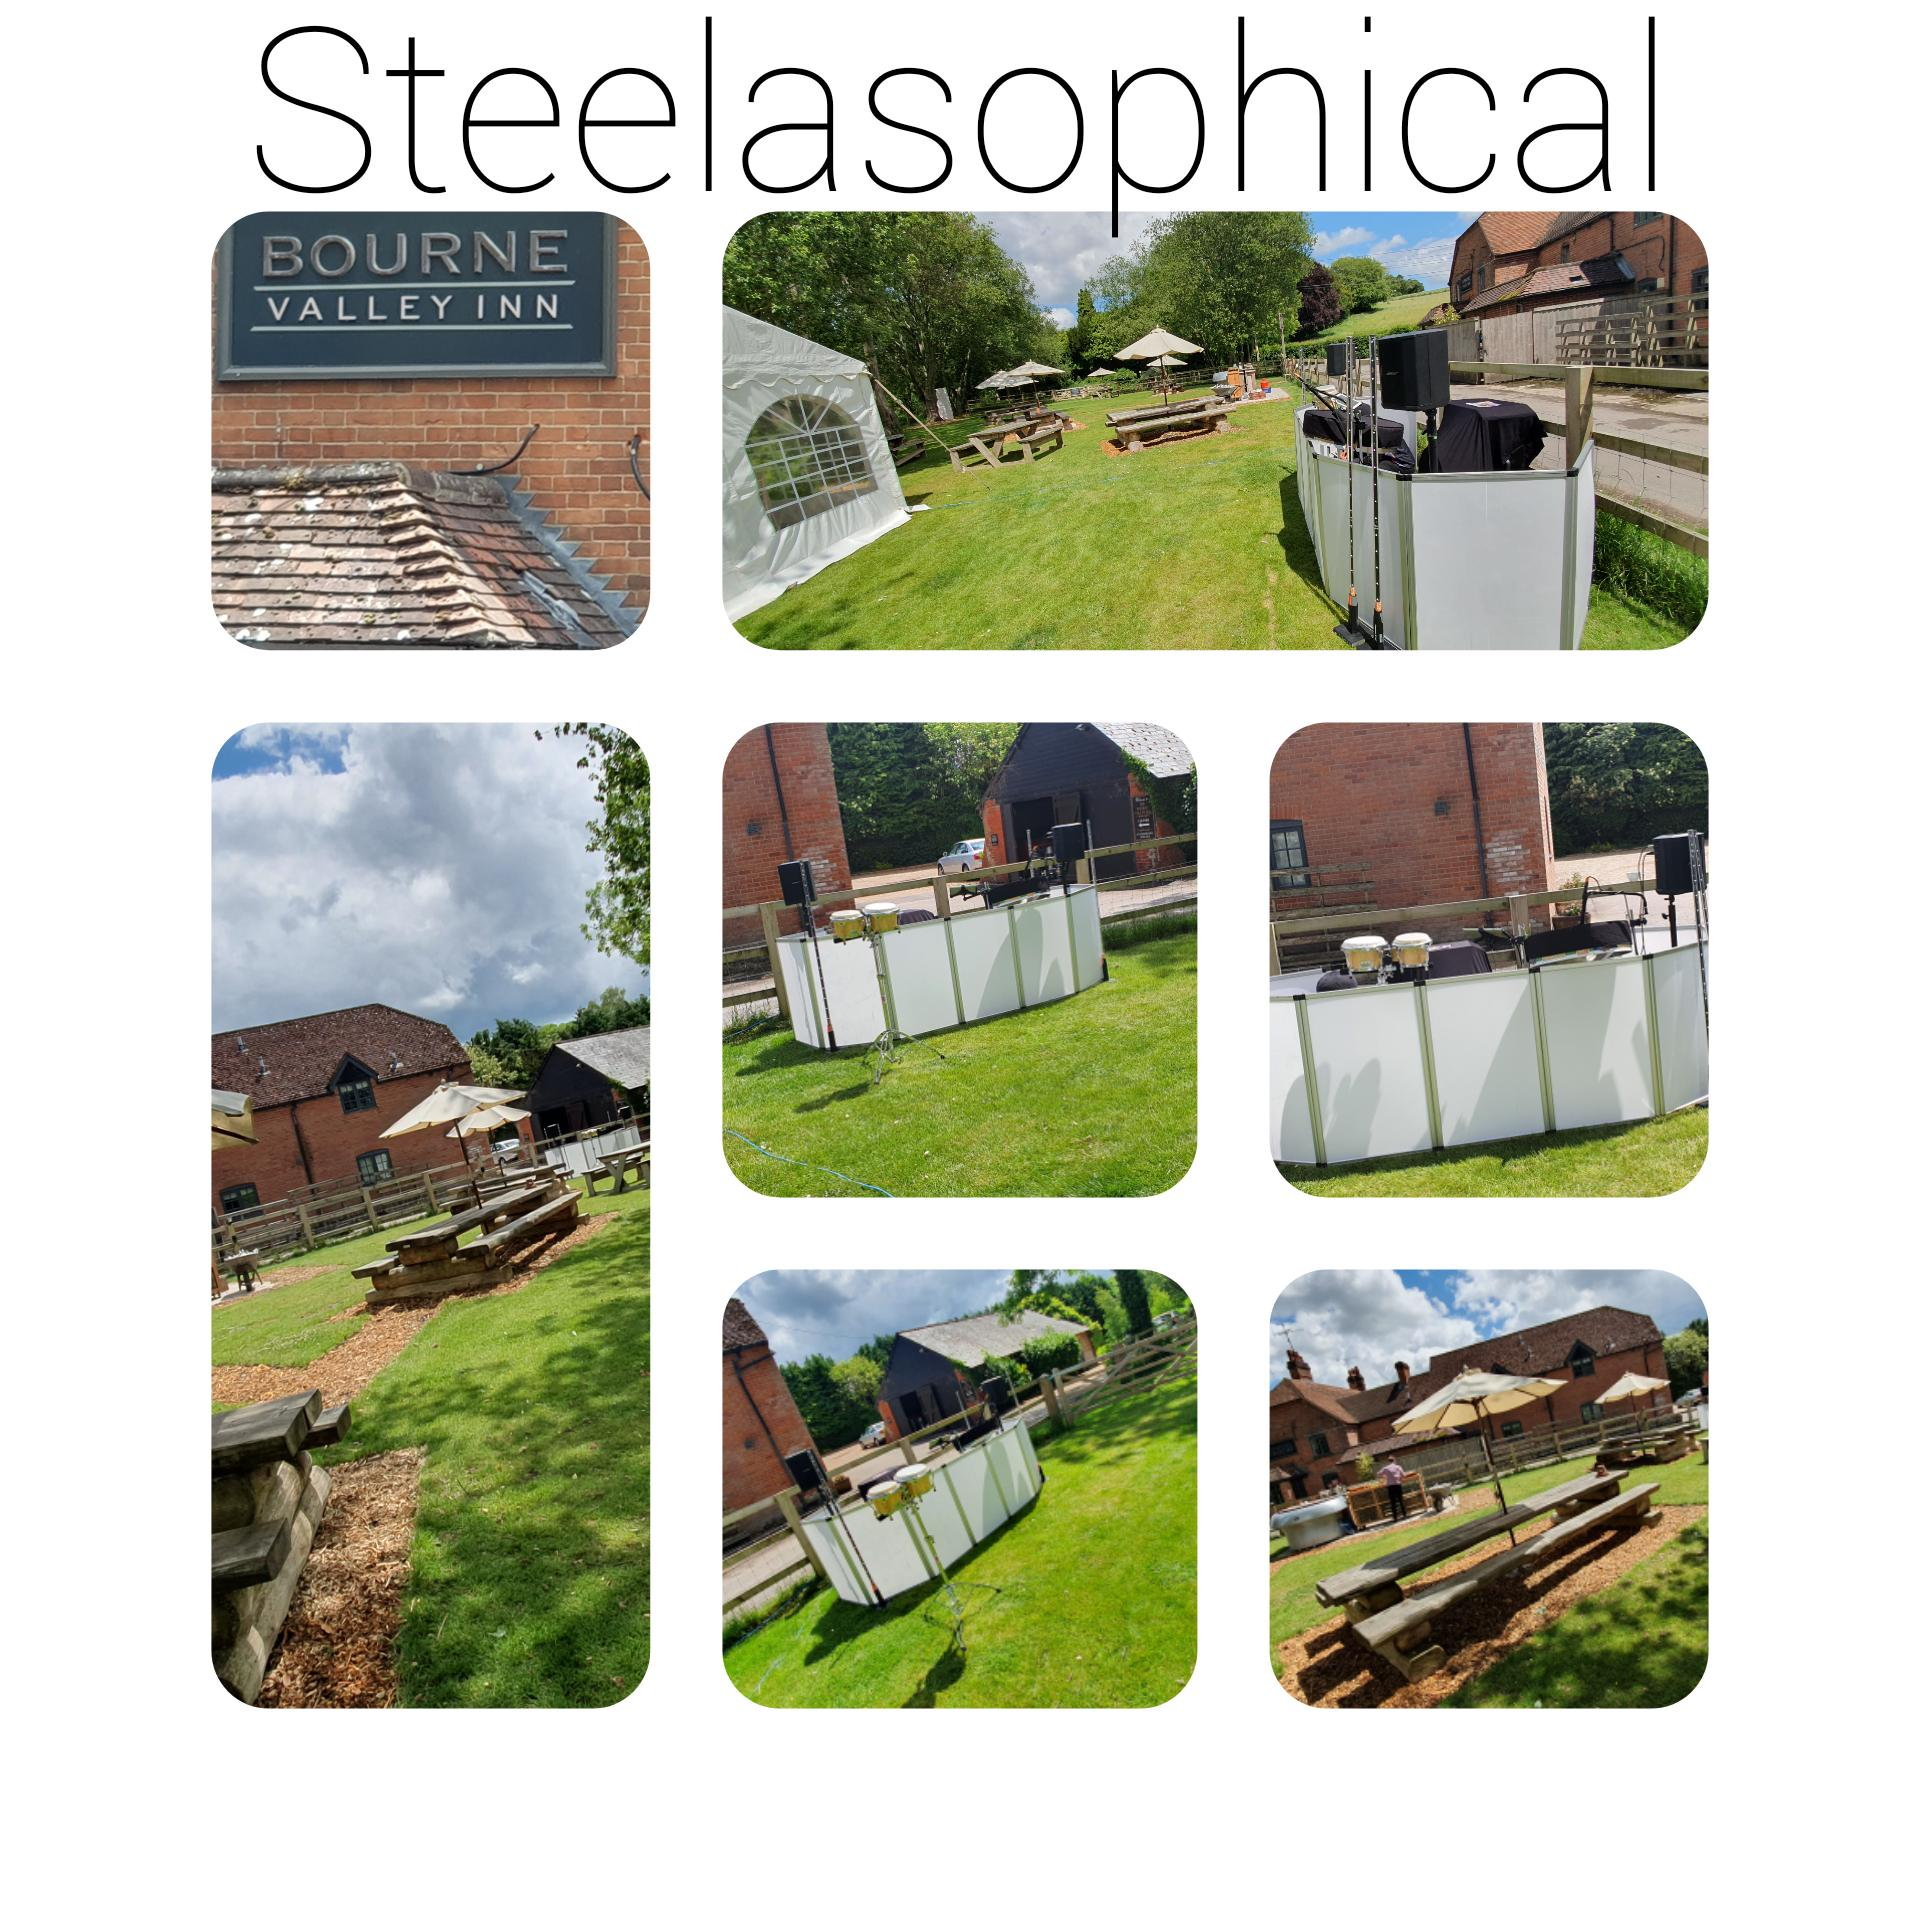 Caribbean steel band dj Steelasophical Bourne Valley Inn